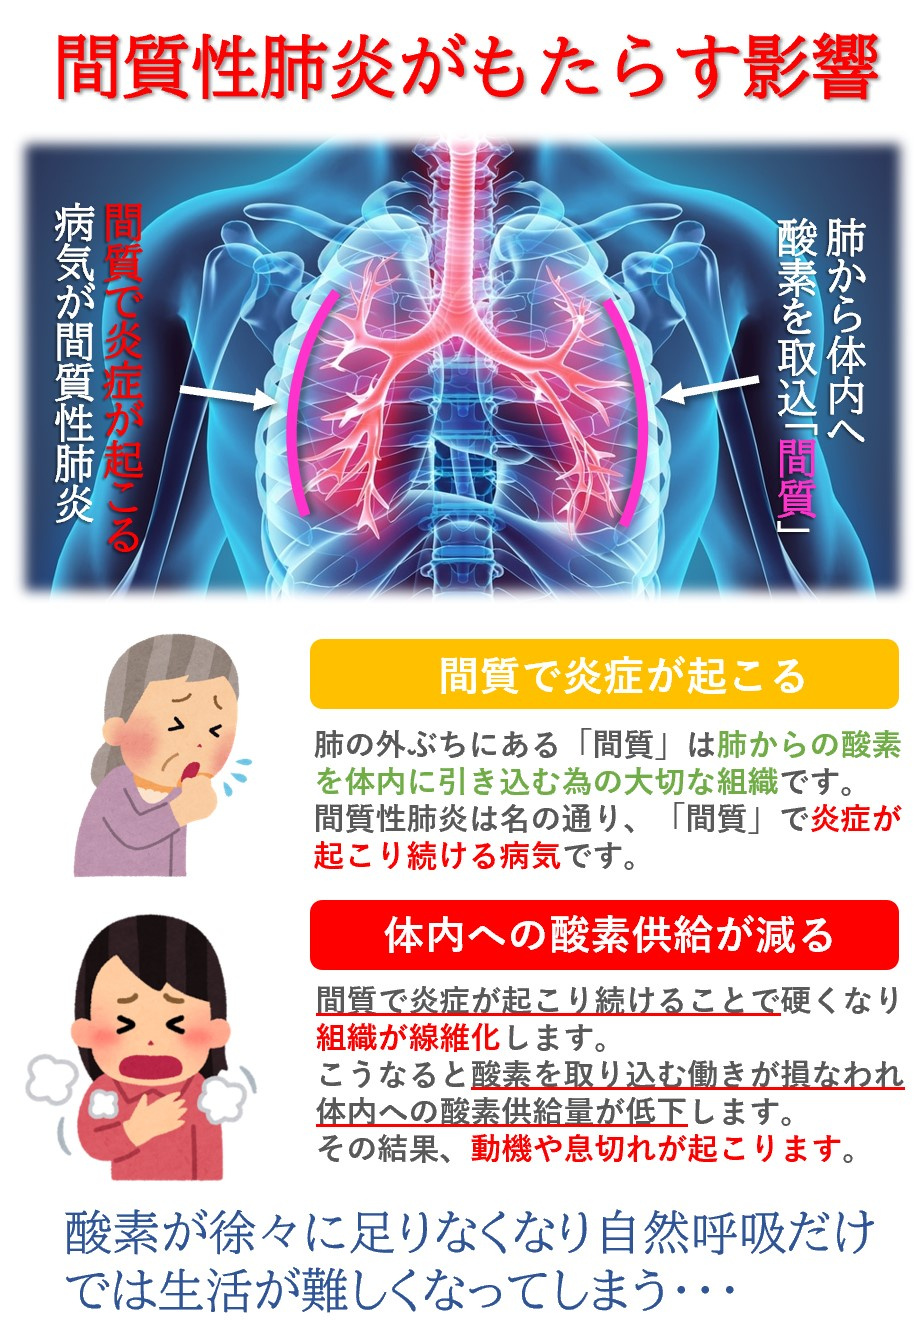 間質性肺炎が重症化すると体内への酸素供給が低下し「動機・息切れ」といった身体症状が表れます。